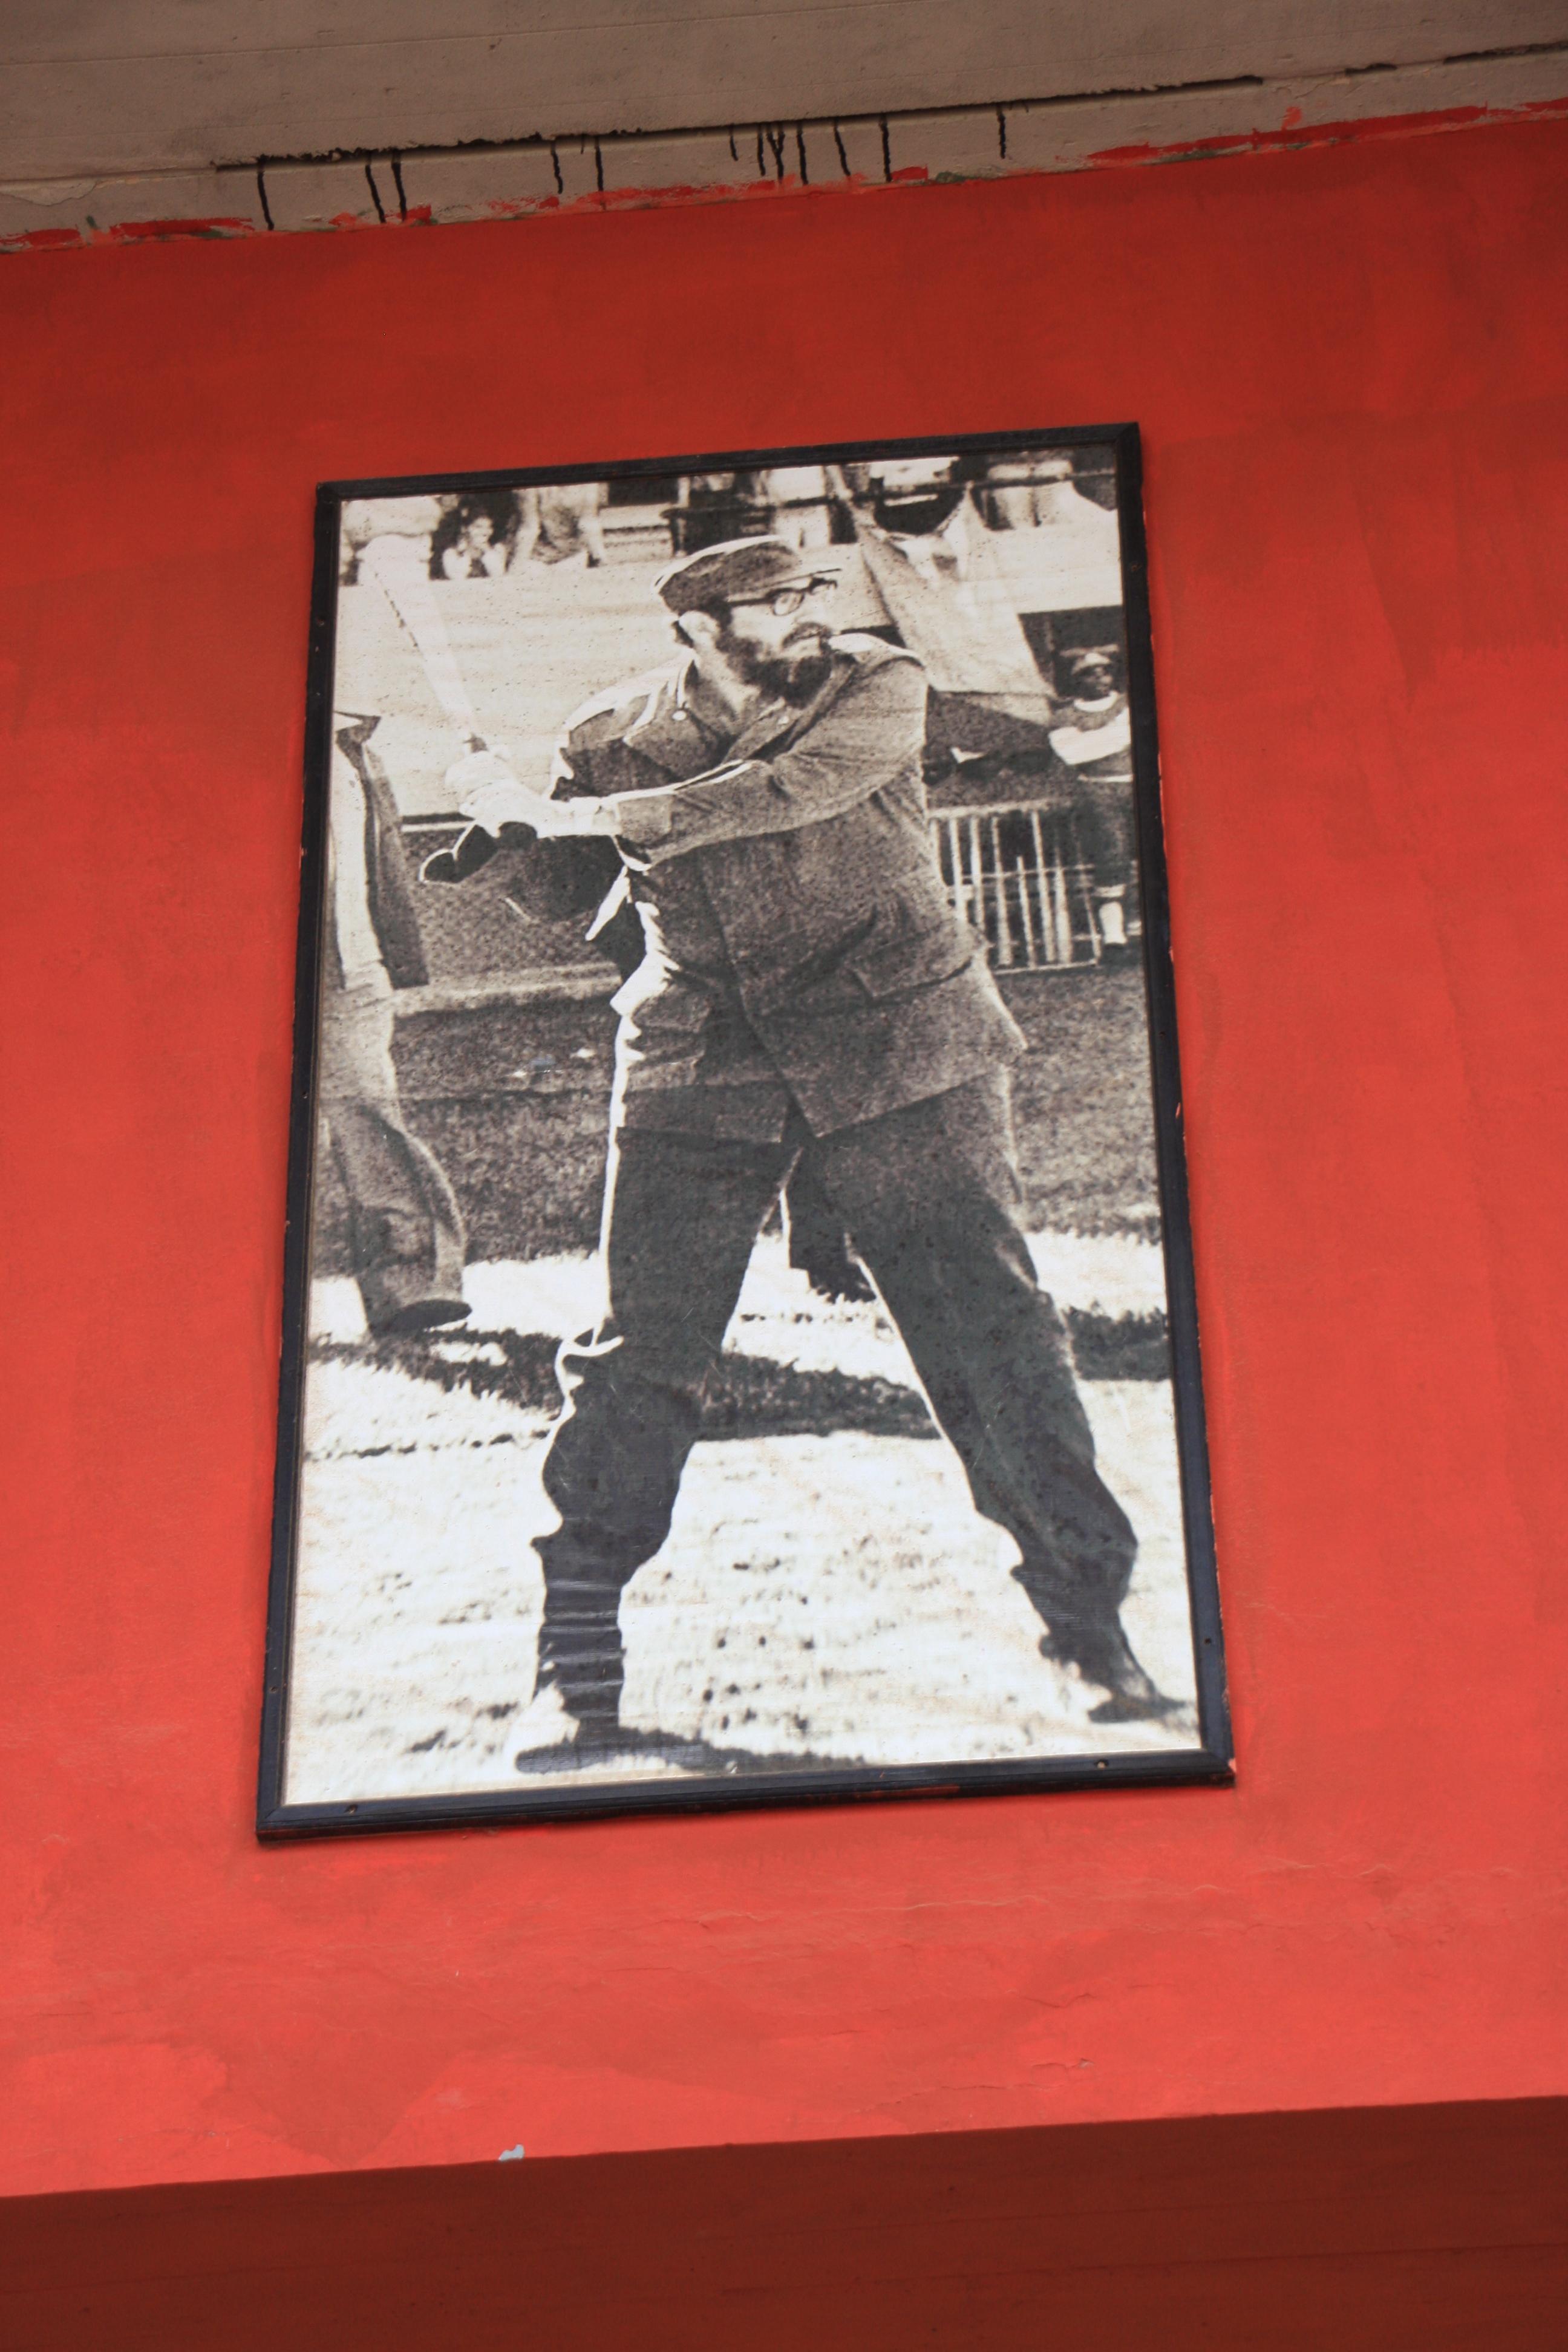 キューバ野球発祥の地のひとつ、マタンサスの球場内にあるカストロの写真